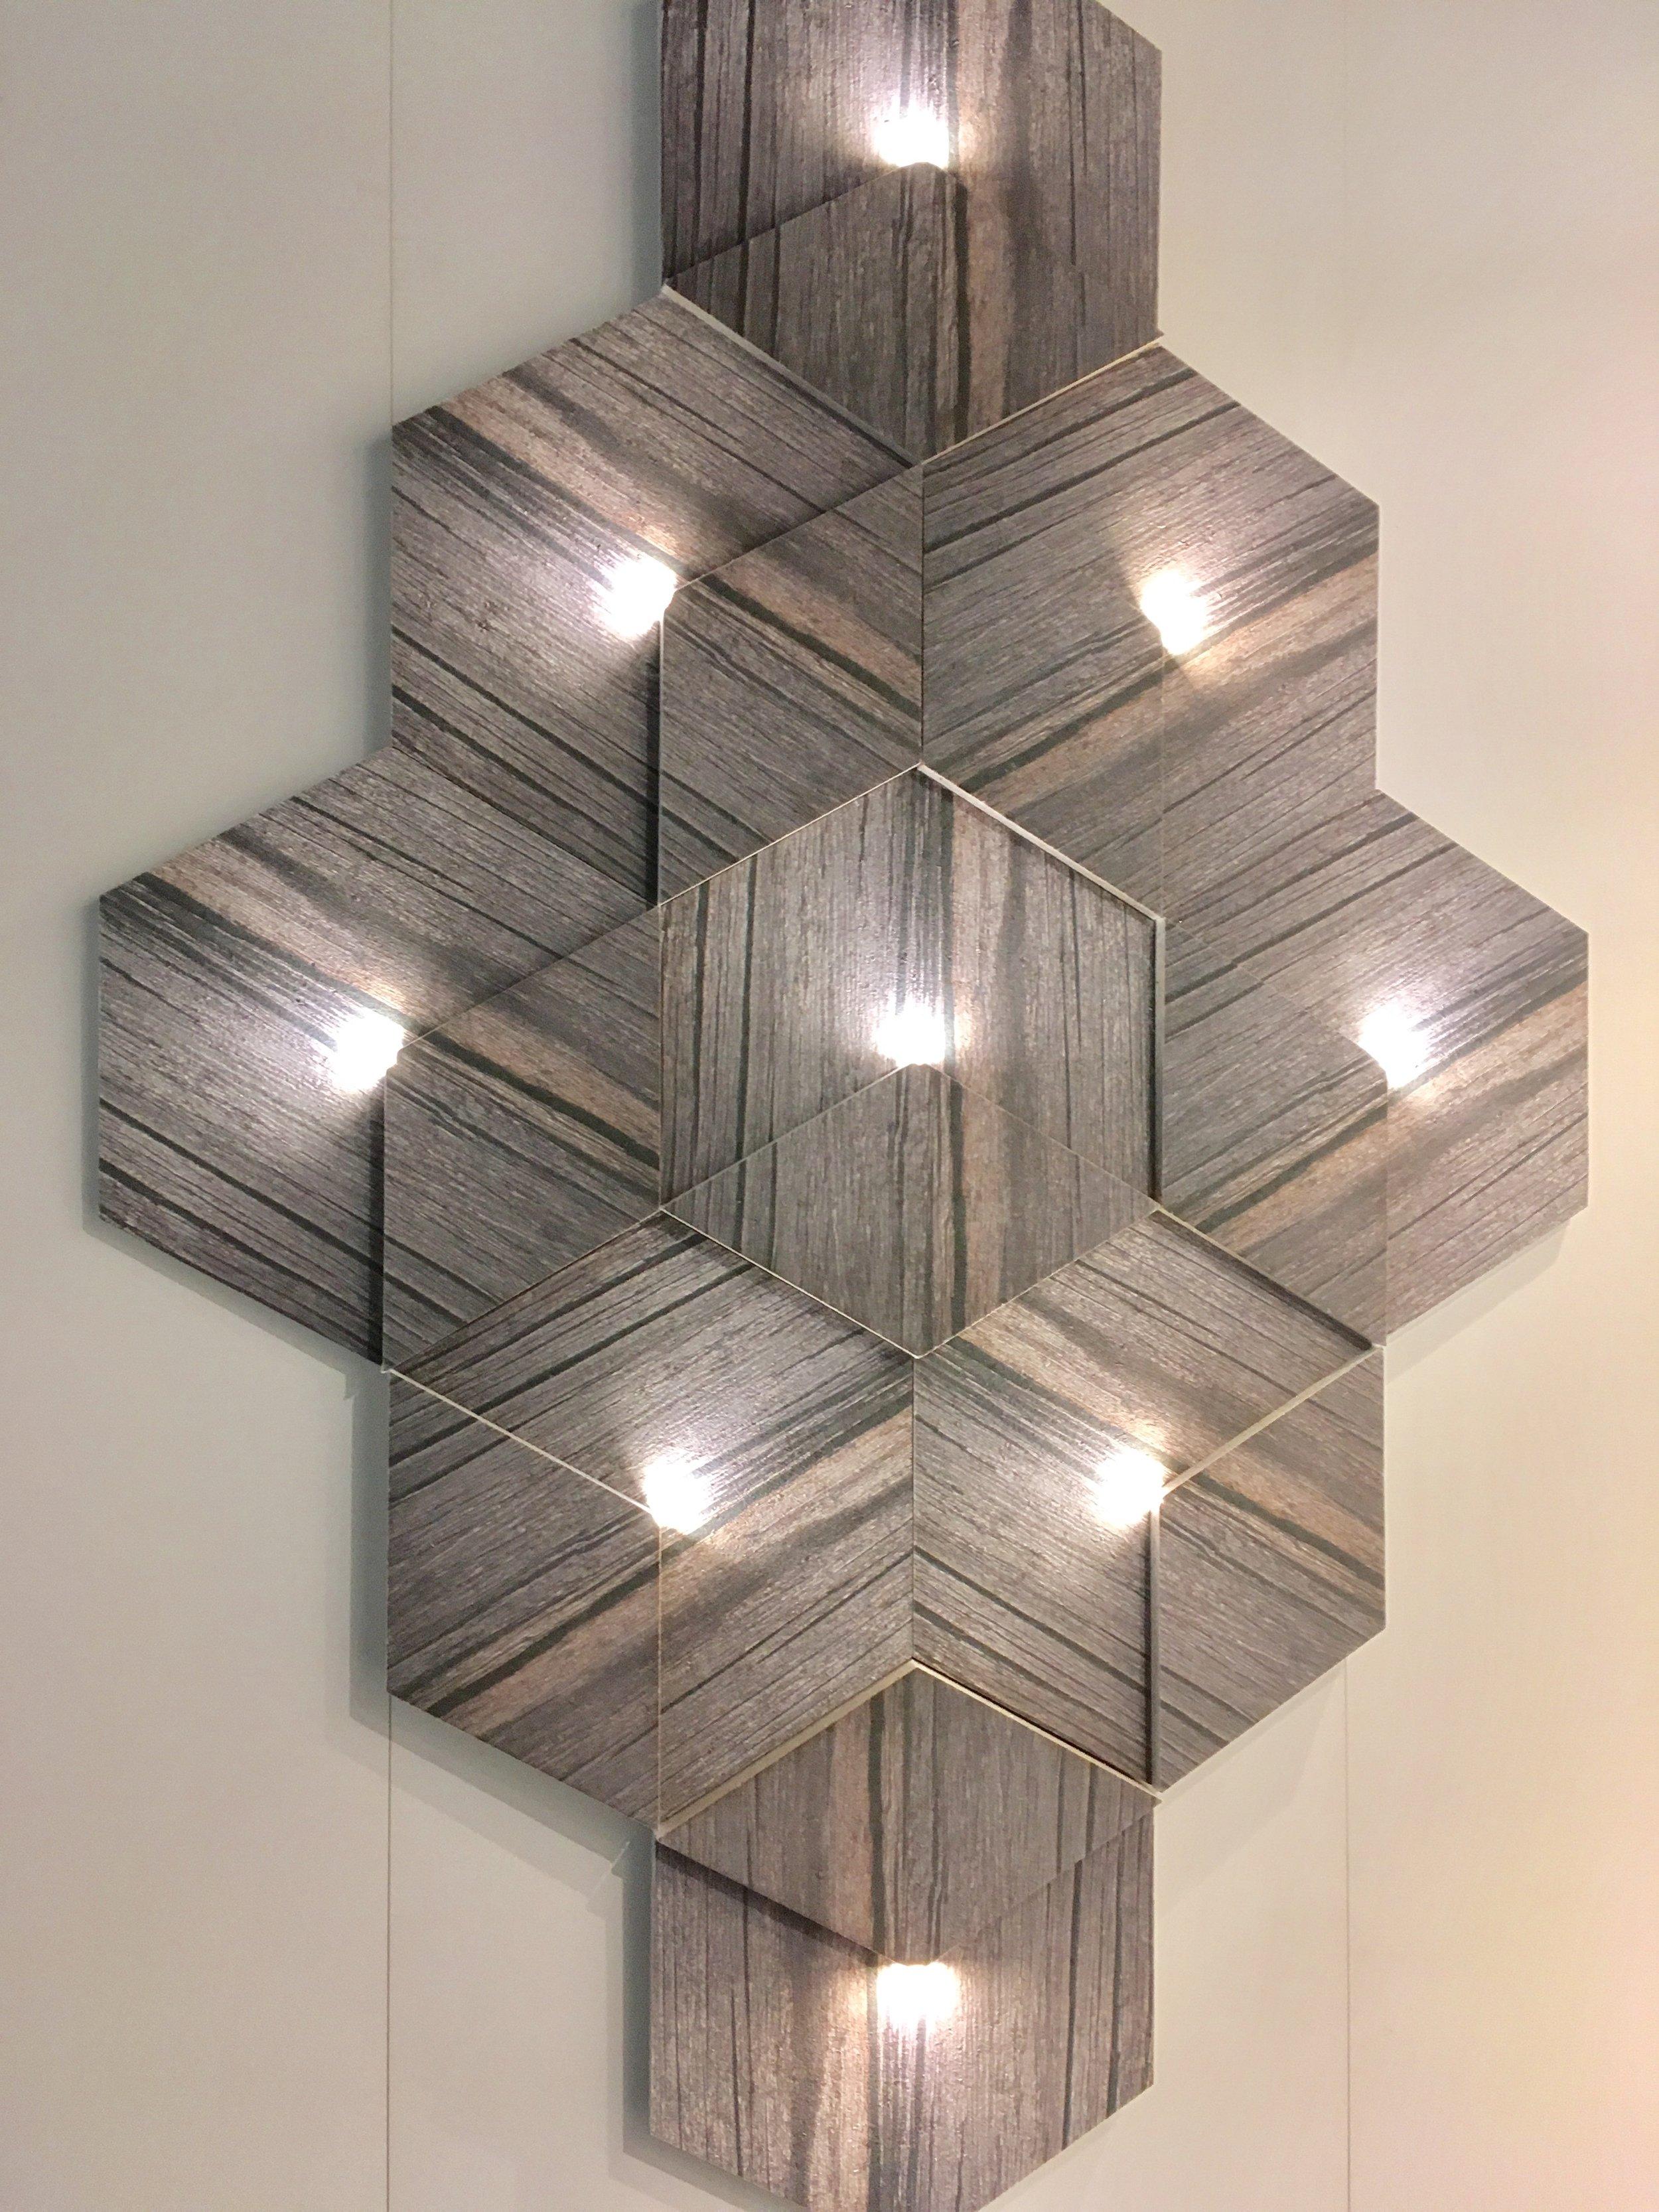 Ruumi akustikat parandav seinapaneel, mis ühtlasi täidab ka valgusti ülesannet.